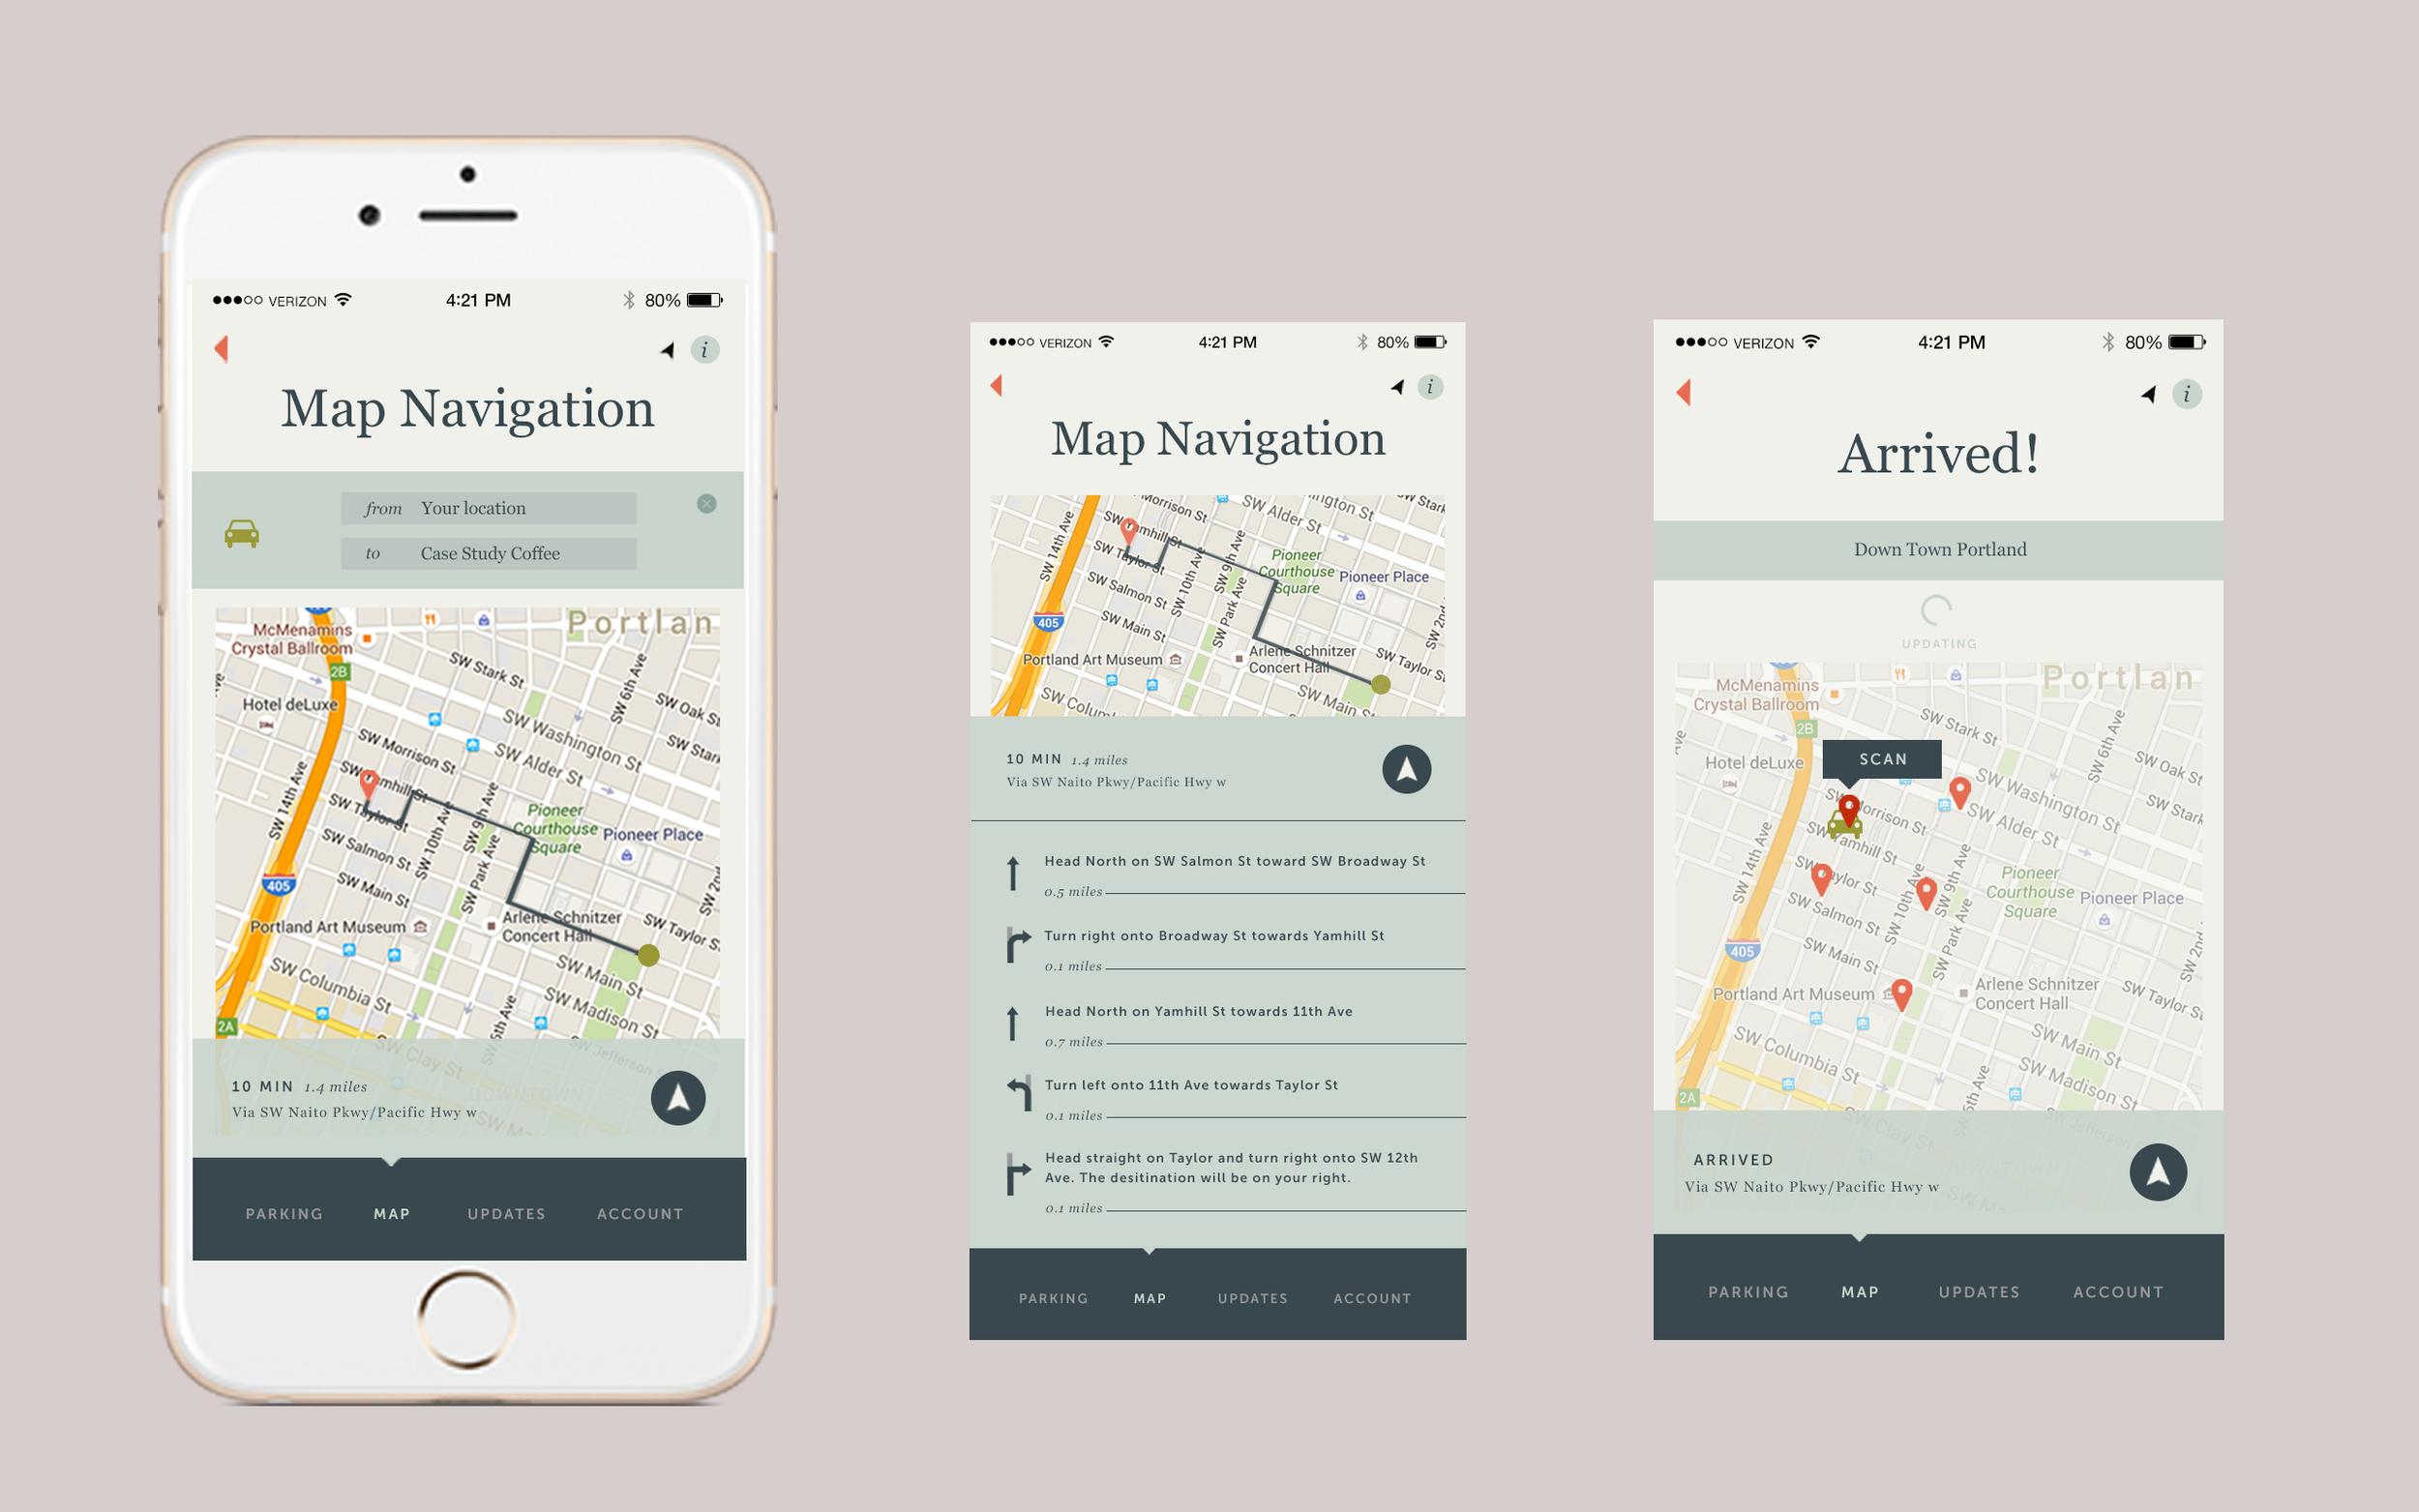 Map Screens